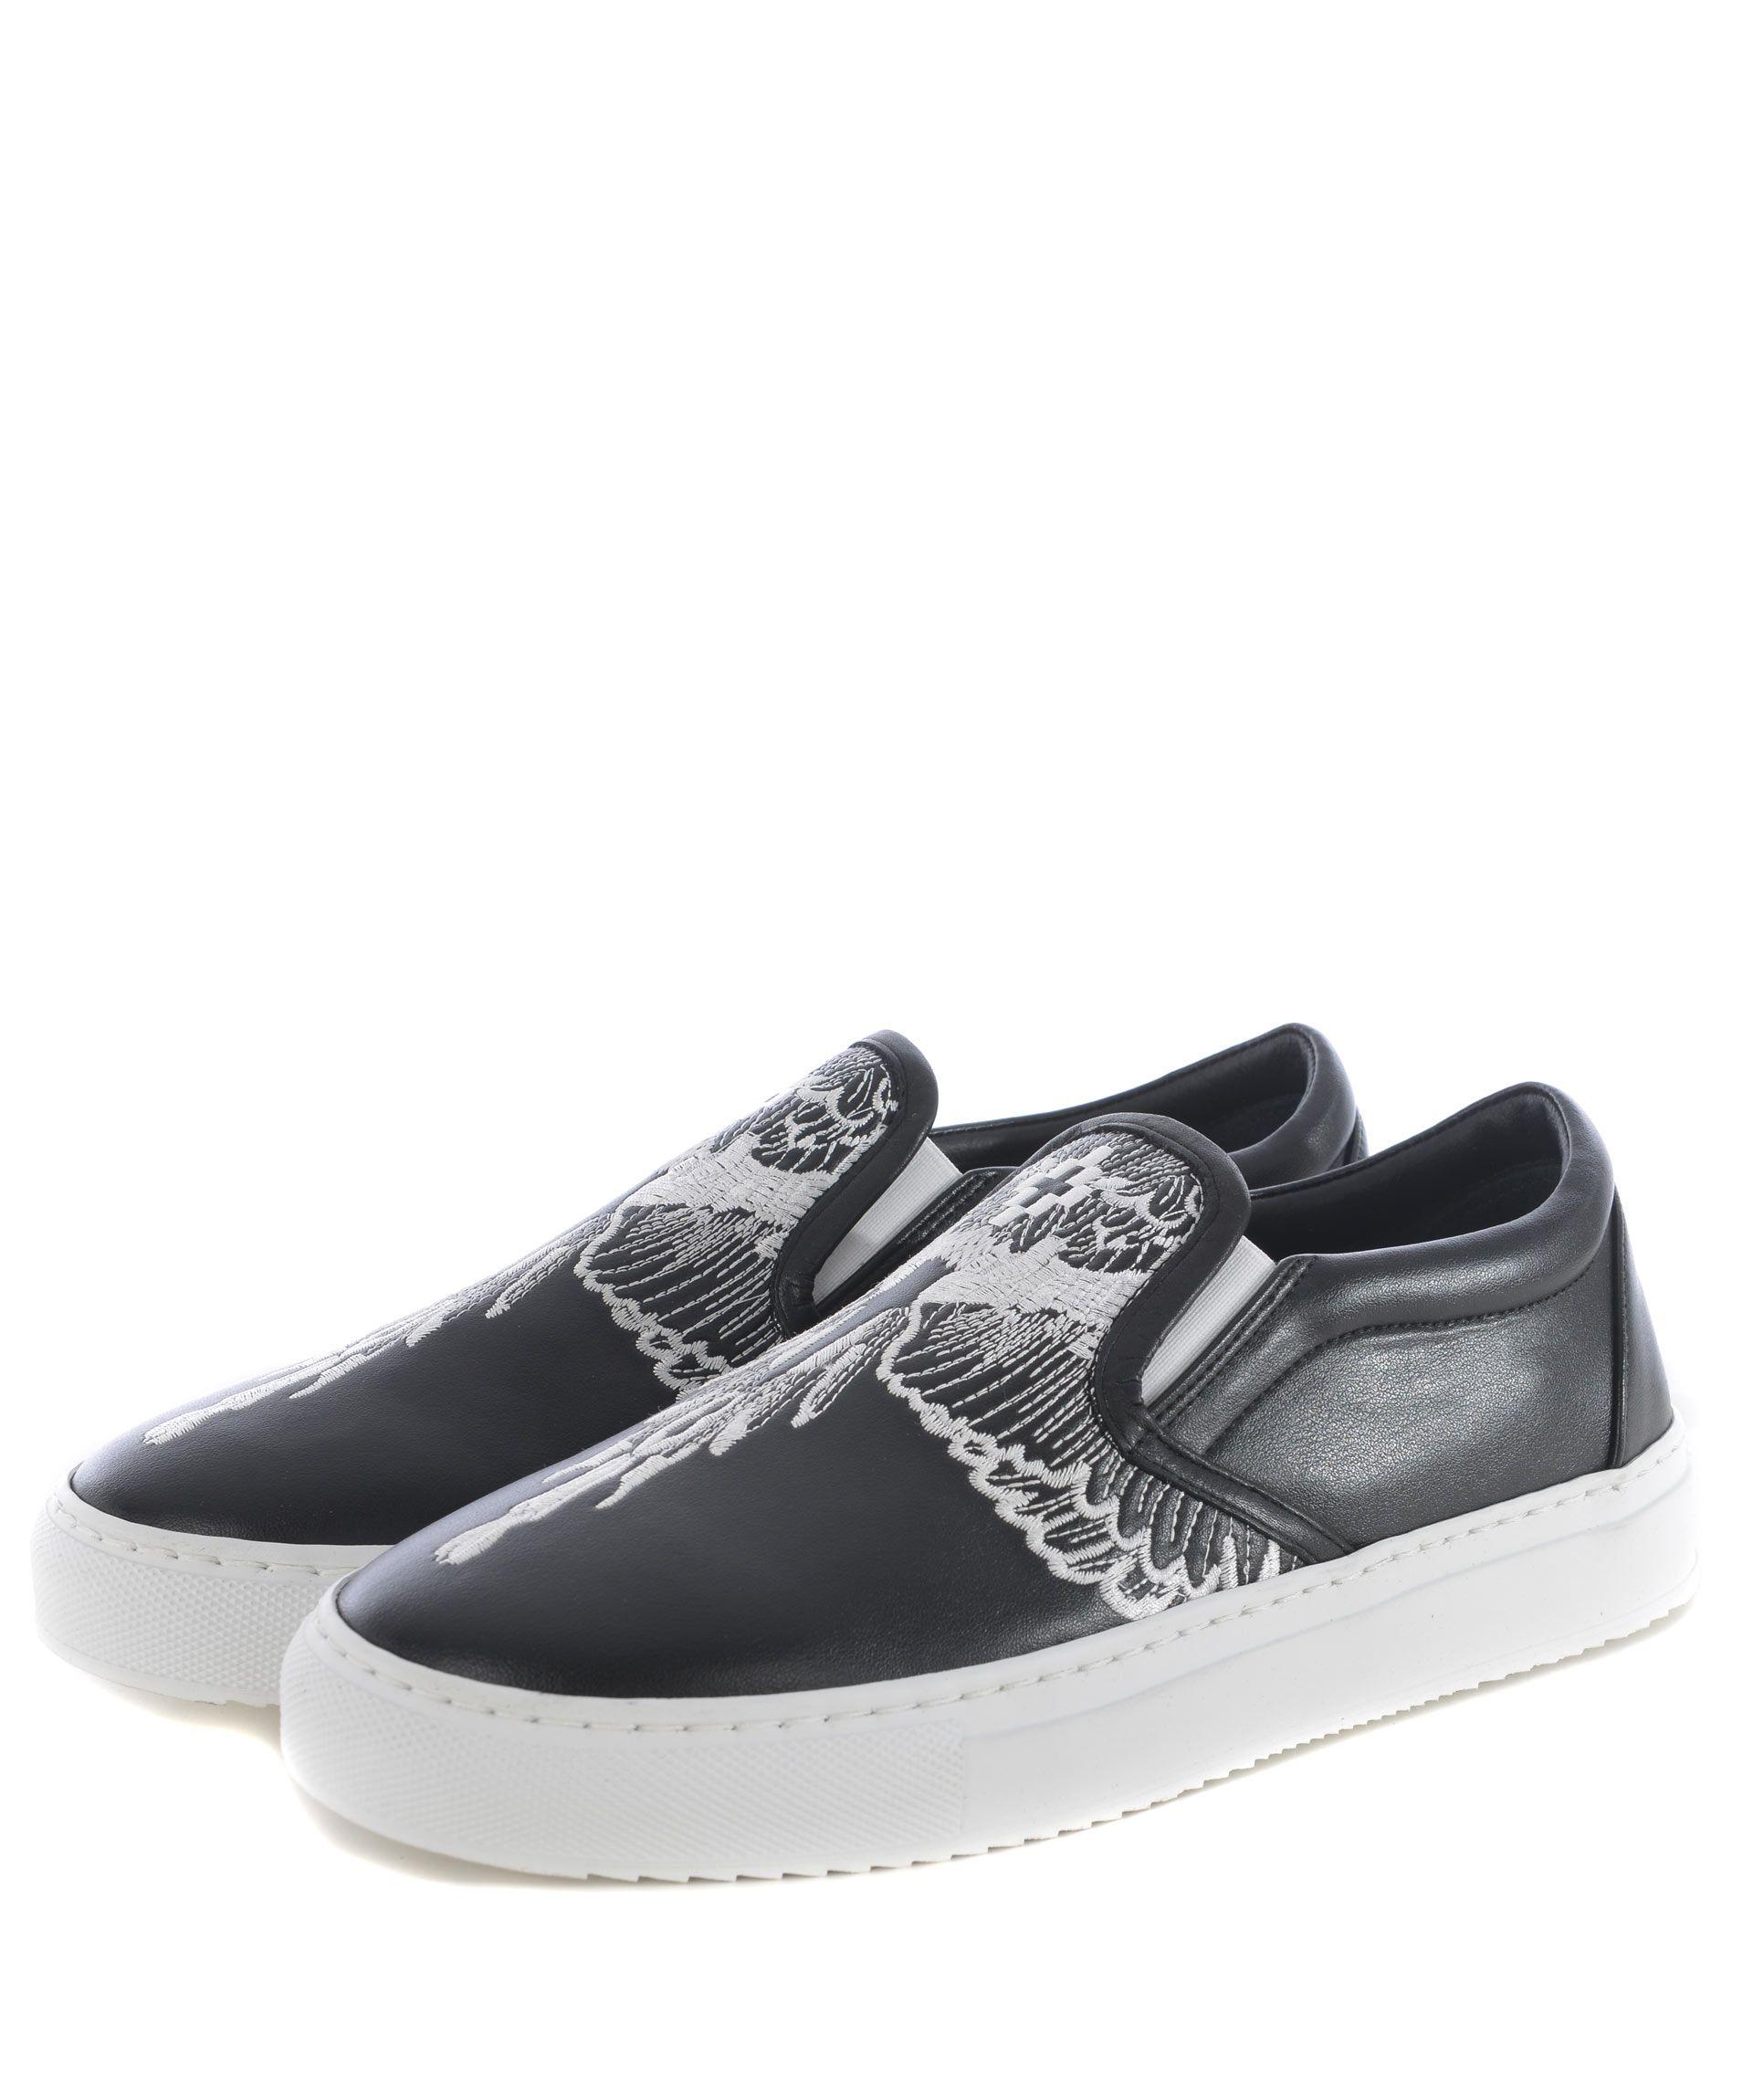 Marcelo Burlon Asher Slip-on Sneakers